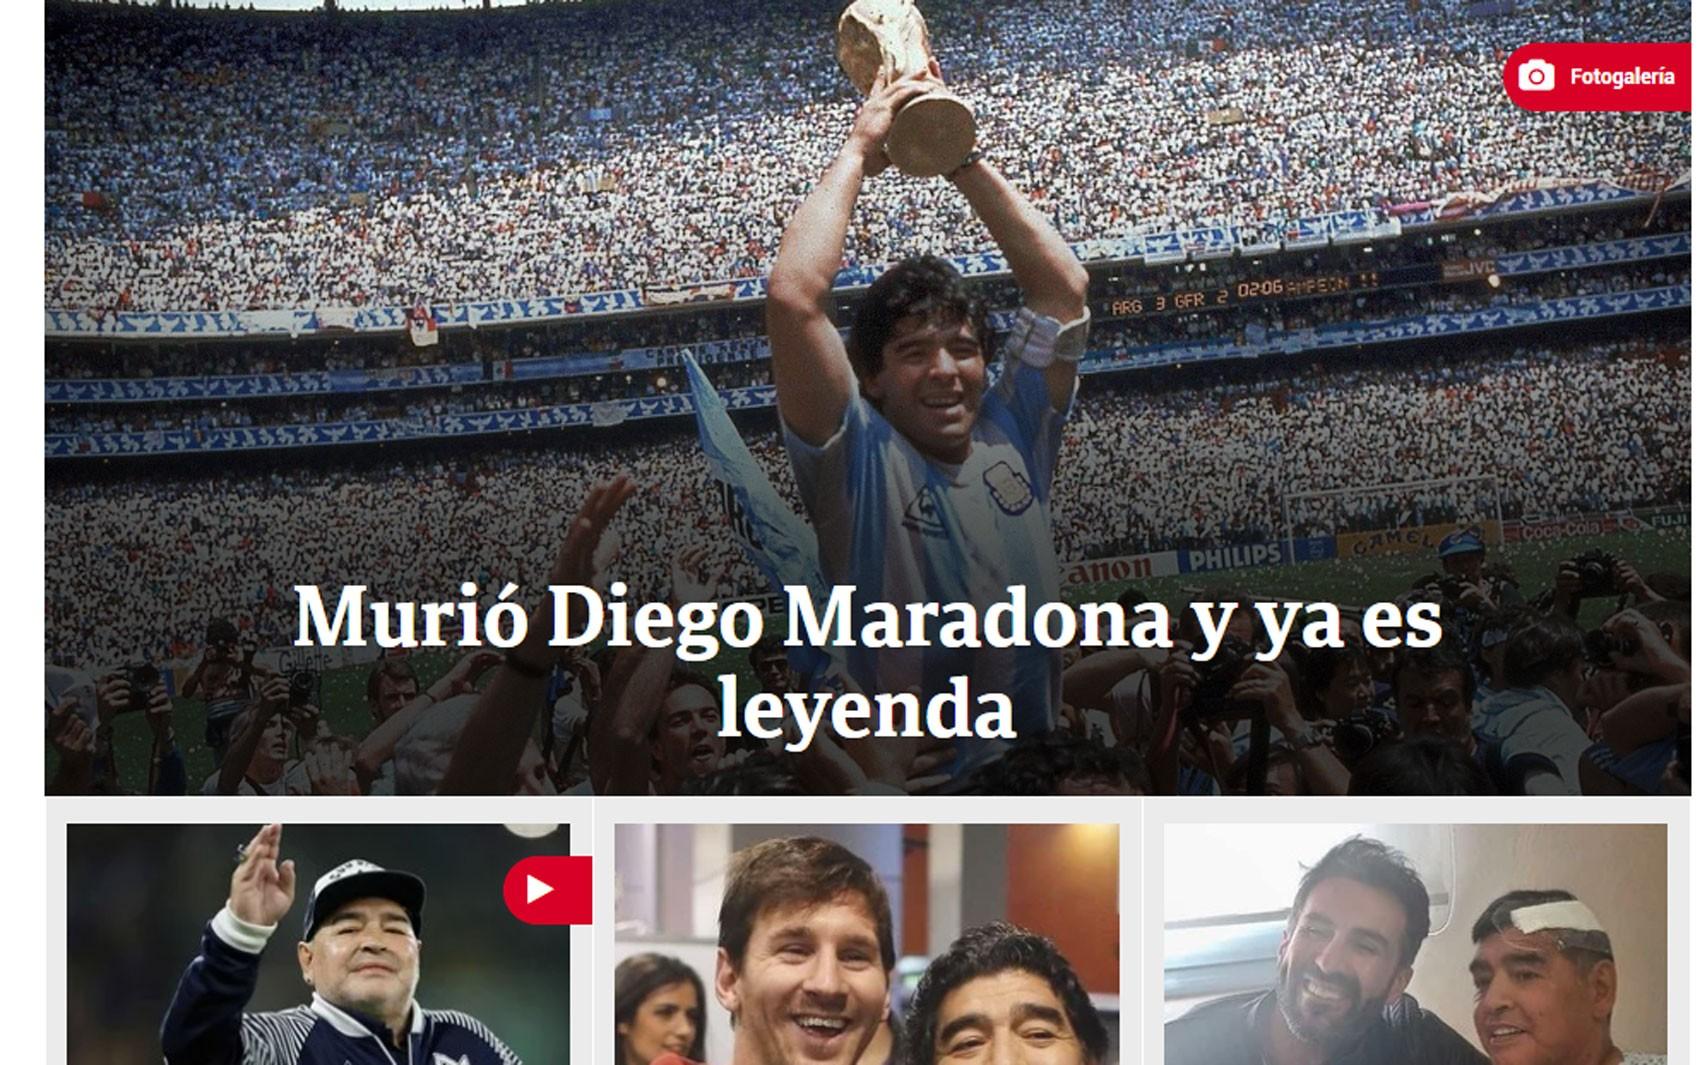 Morte de Diego Maradona é manchete na imprensa internacional